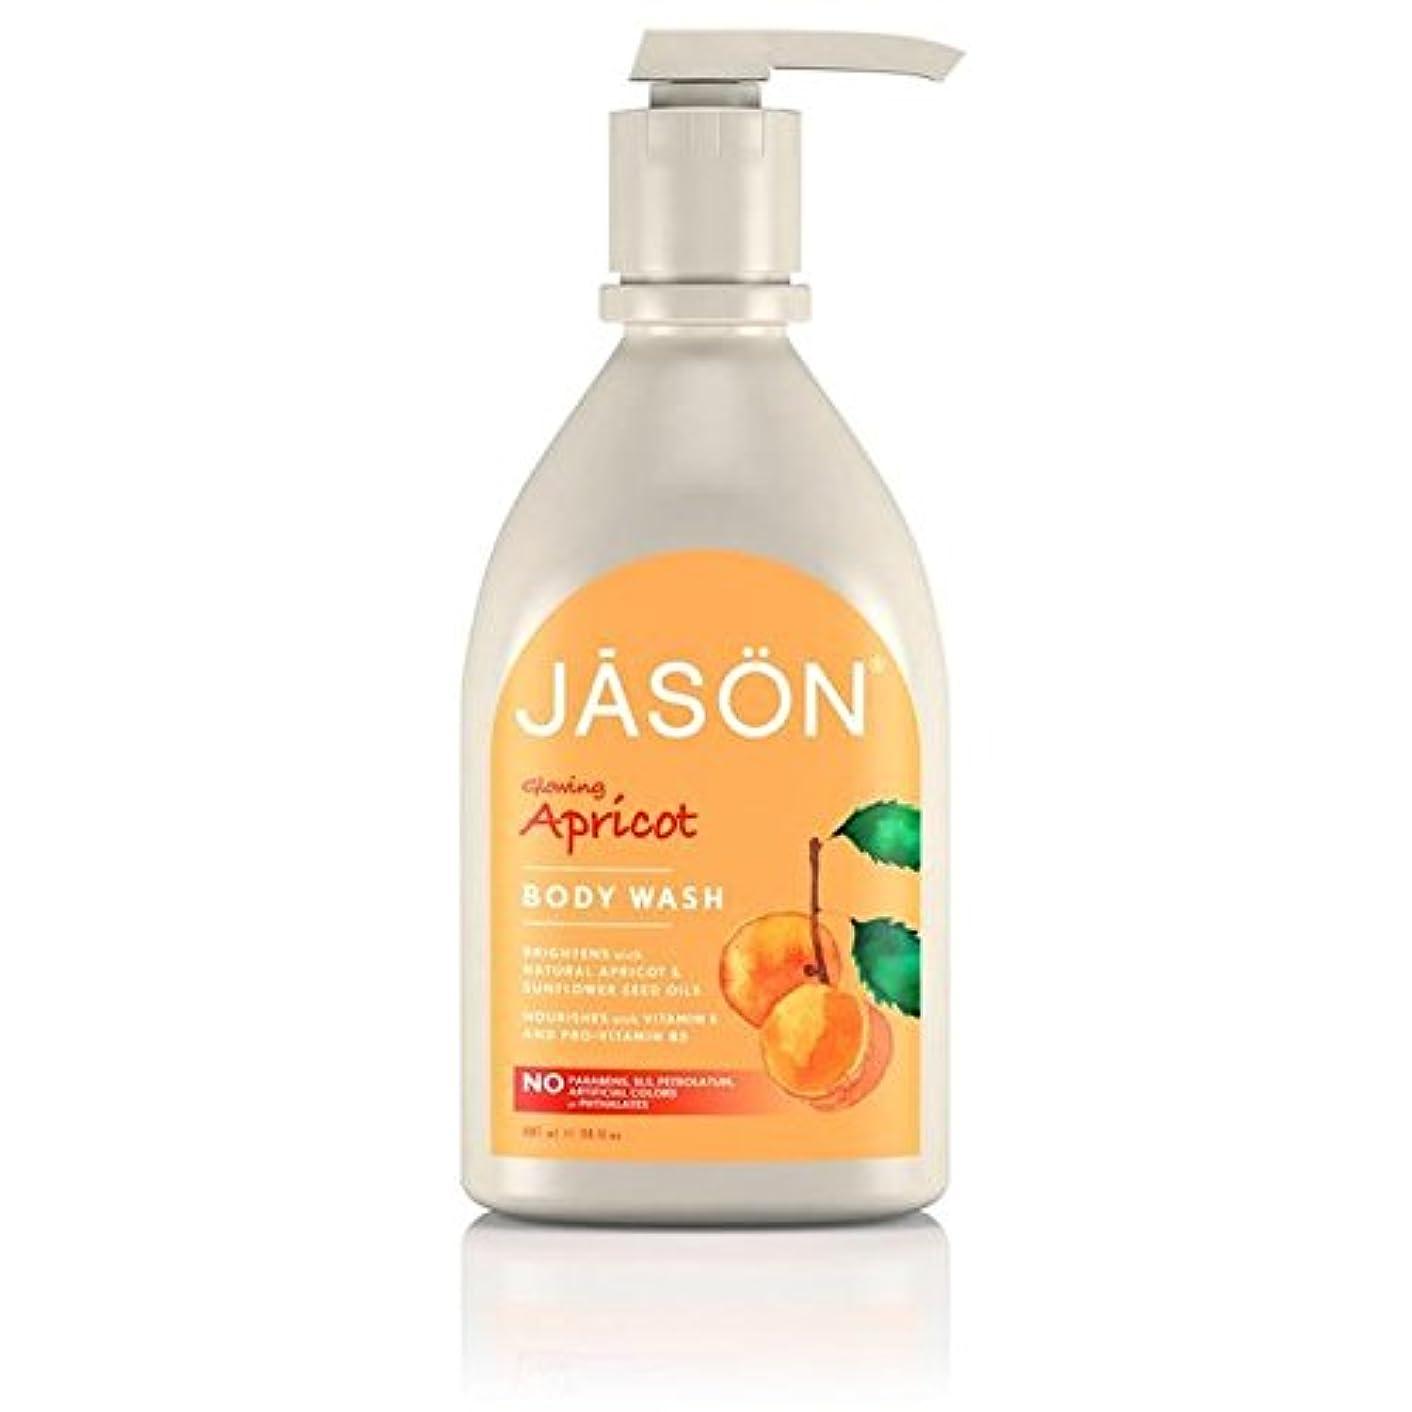 ましい鎮痛剤入札ジェイソン?アプリコットサテンボディウォッシュポンプ900ミリリットル x2 - Jason Apricot Satin Body Wash Pump 900ml (Pack of 2) [並行輸入品]